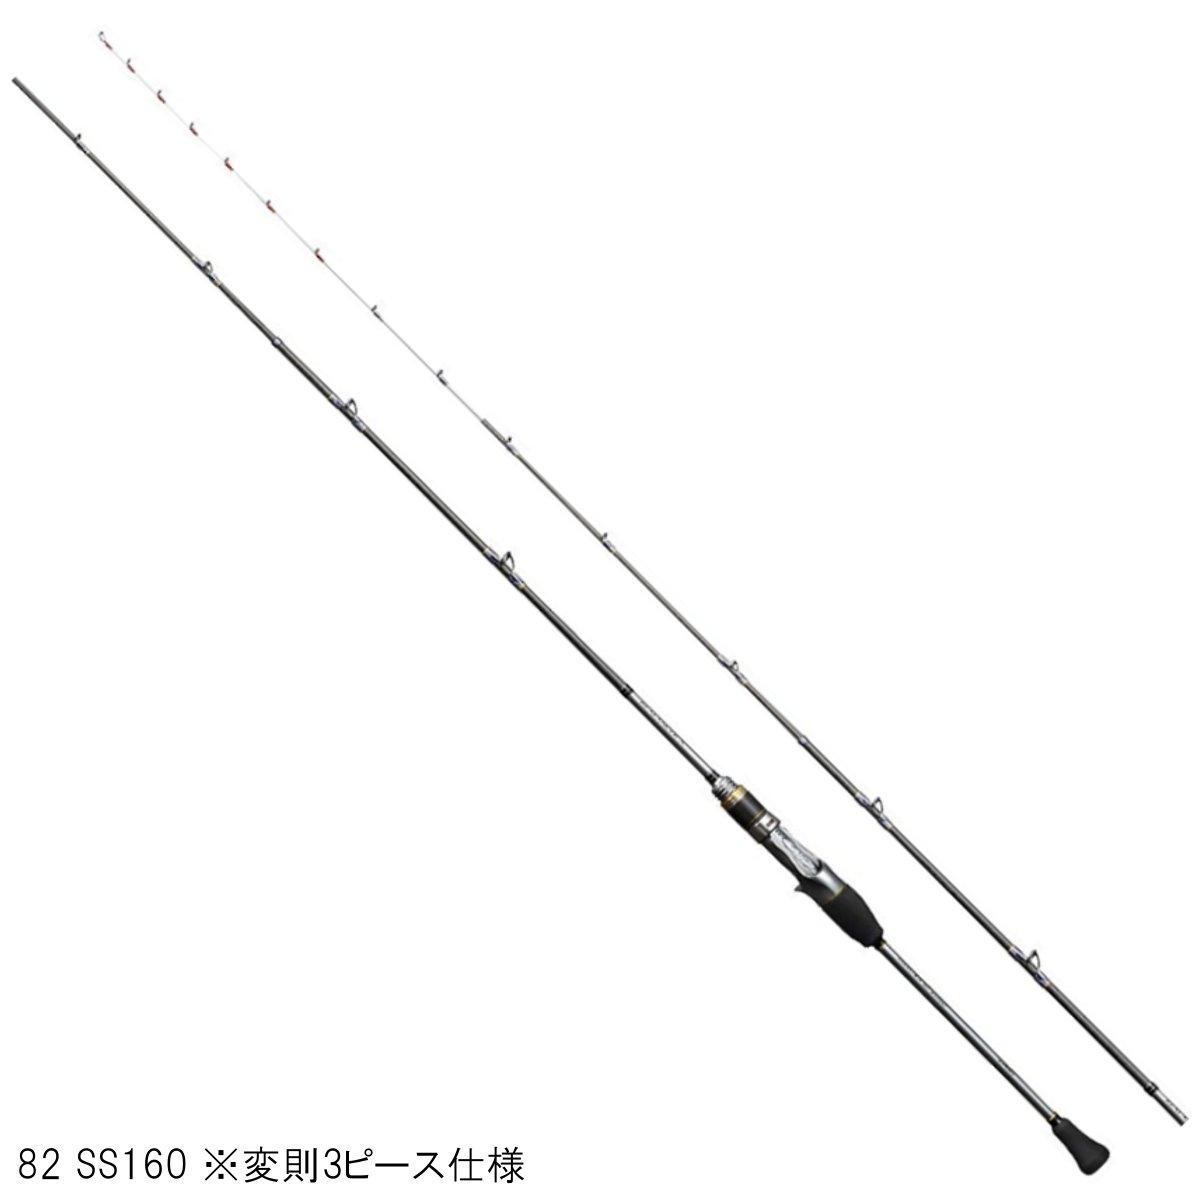 シマノ リアランサー X マルイカ 82 SS160(東日本店)